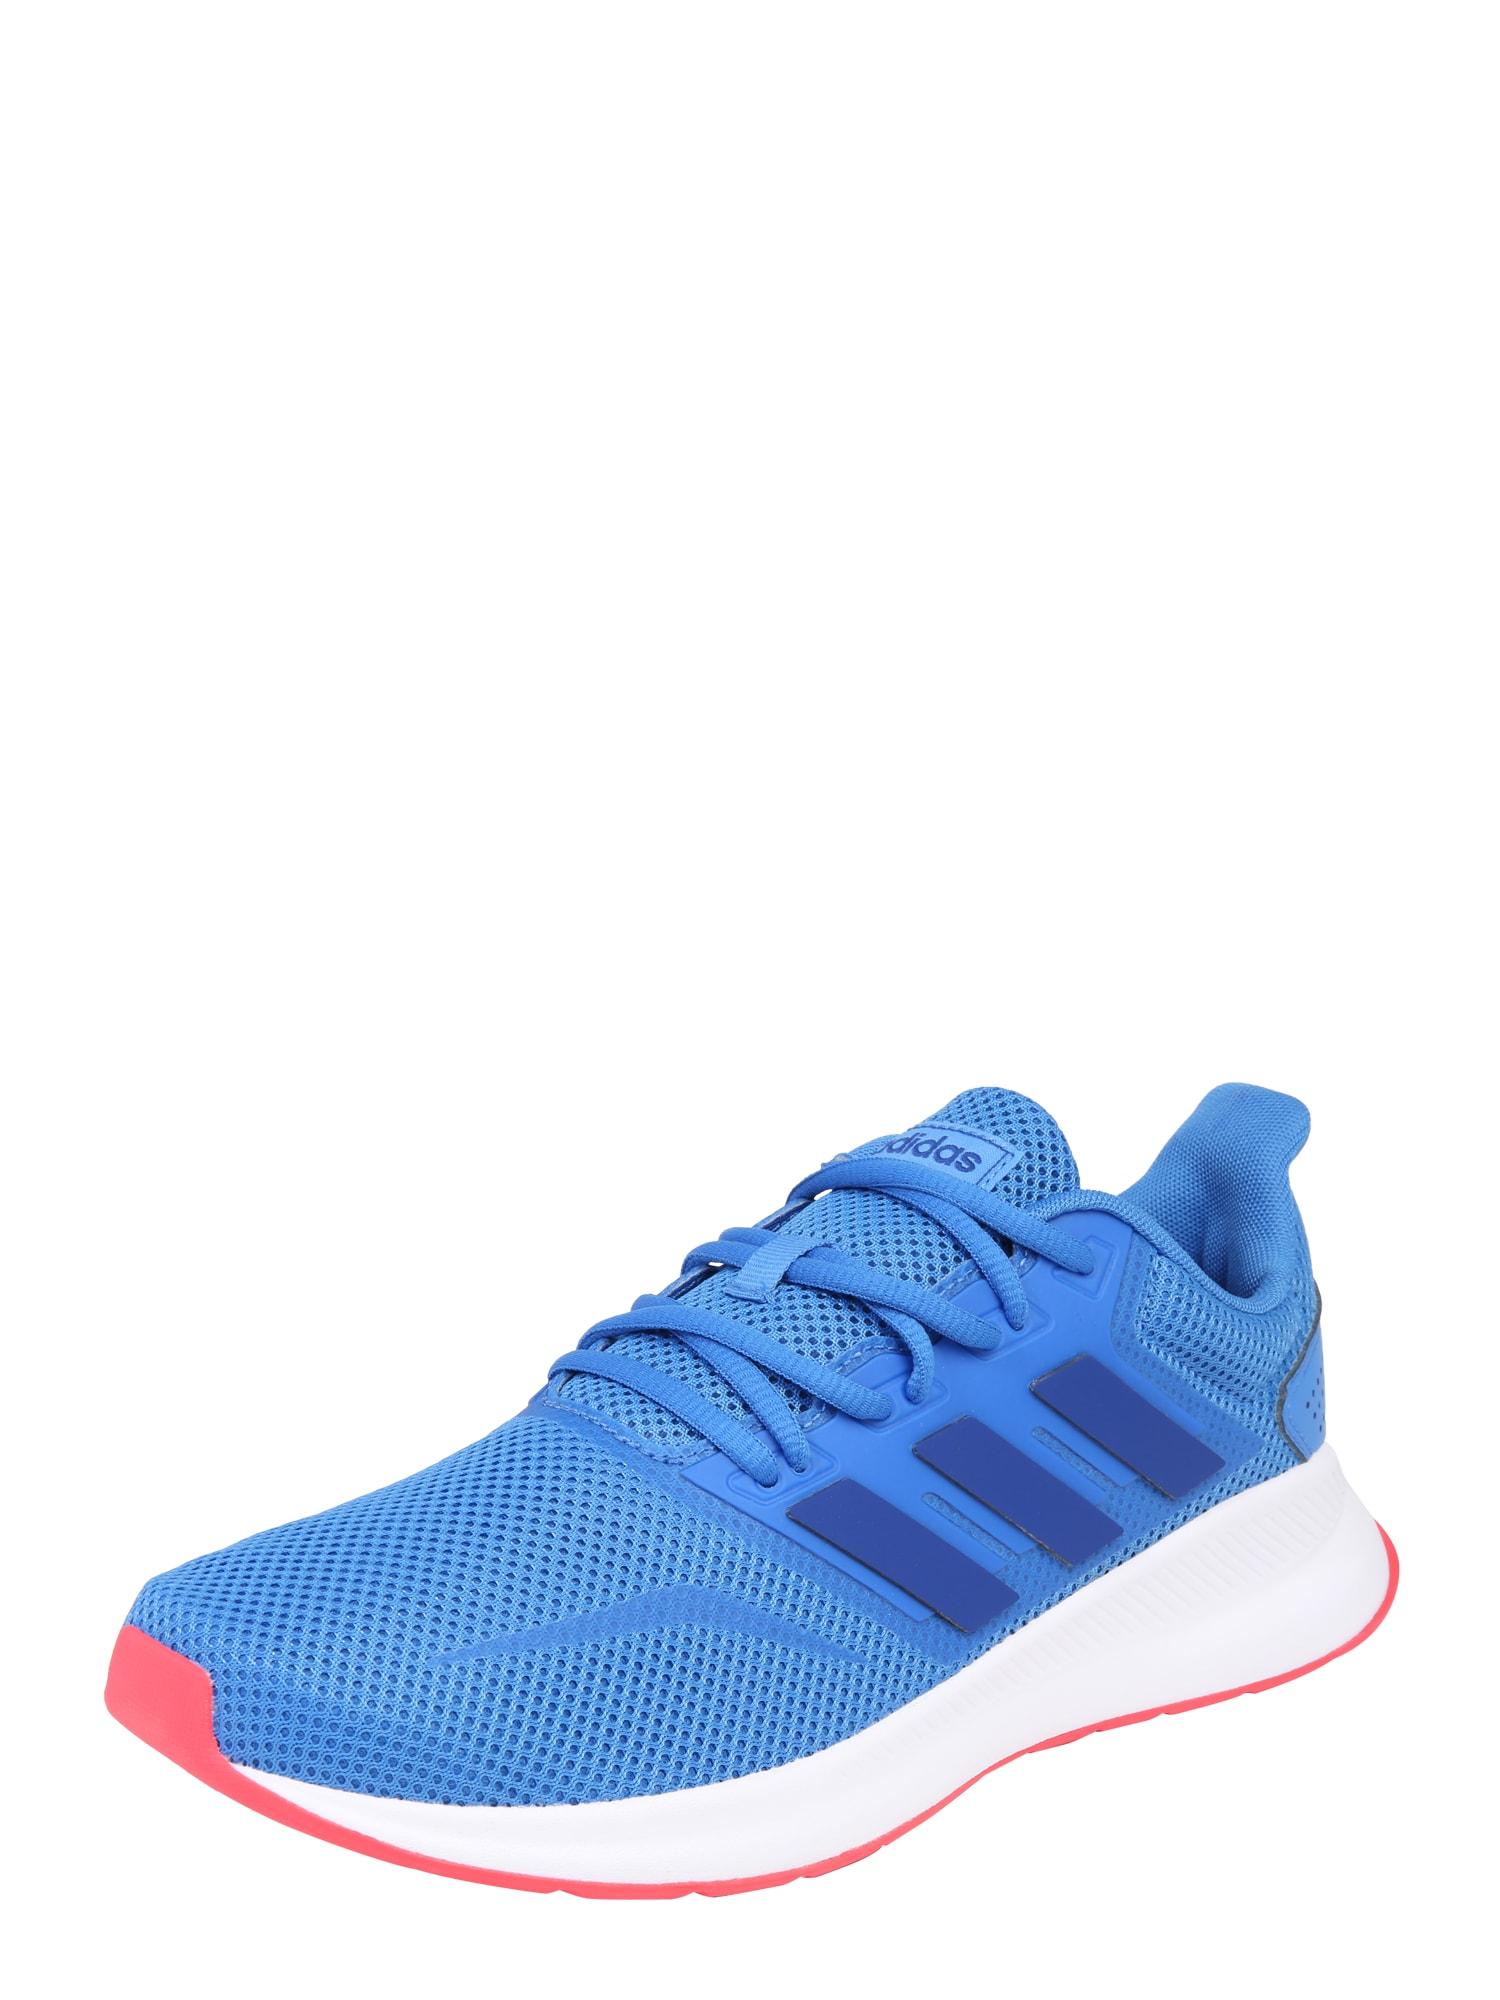 Sportovní boty RUNFALCON modrá pink ADIDAS PERFORMANCE